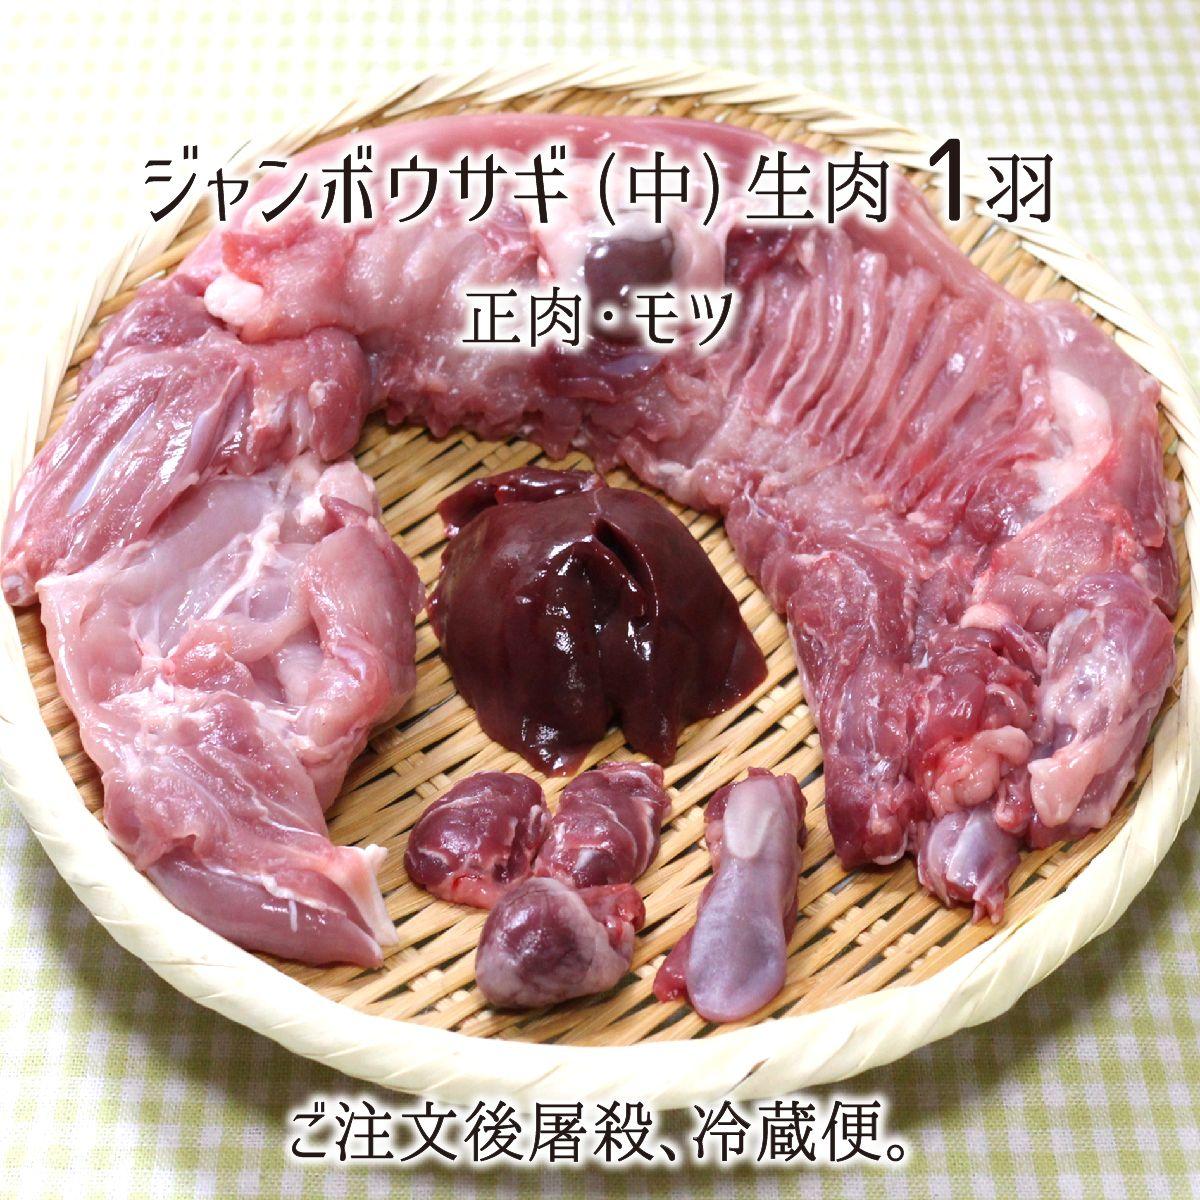 ご注文後に捕獲し屠殺解体、冷凍挟まないウサギ生肉。 ジャンボウサギ 中型 1羽 生肉(正肉 約1.3kg・もつ 約80g) 秋田県大仙市産 むね/もも/うで/はら/ハツ/レバー/タン/腎臓 国産 兎 ラパン 送料無料